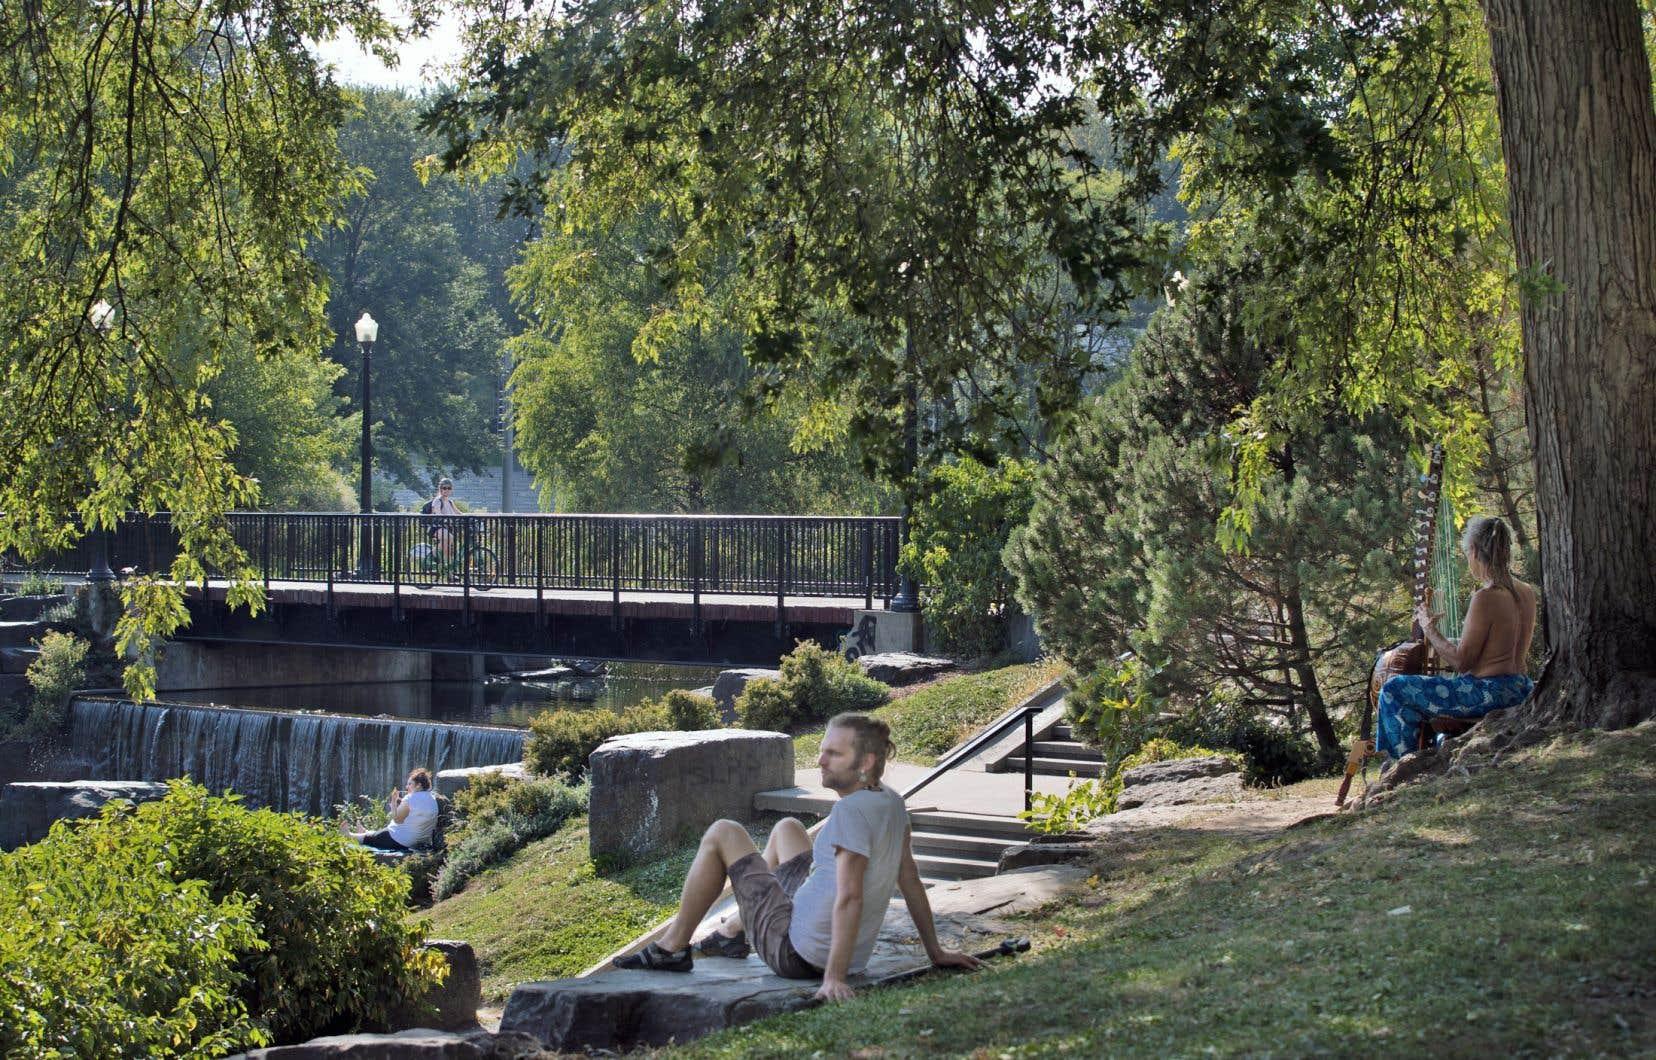 La fréquentation des parcs réduirait la prévalence de l'anxiété et de la dépression chez les citoyens urbains.